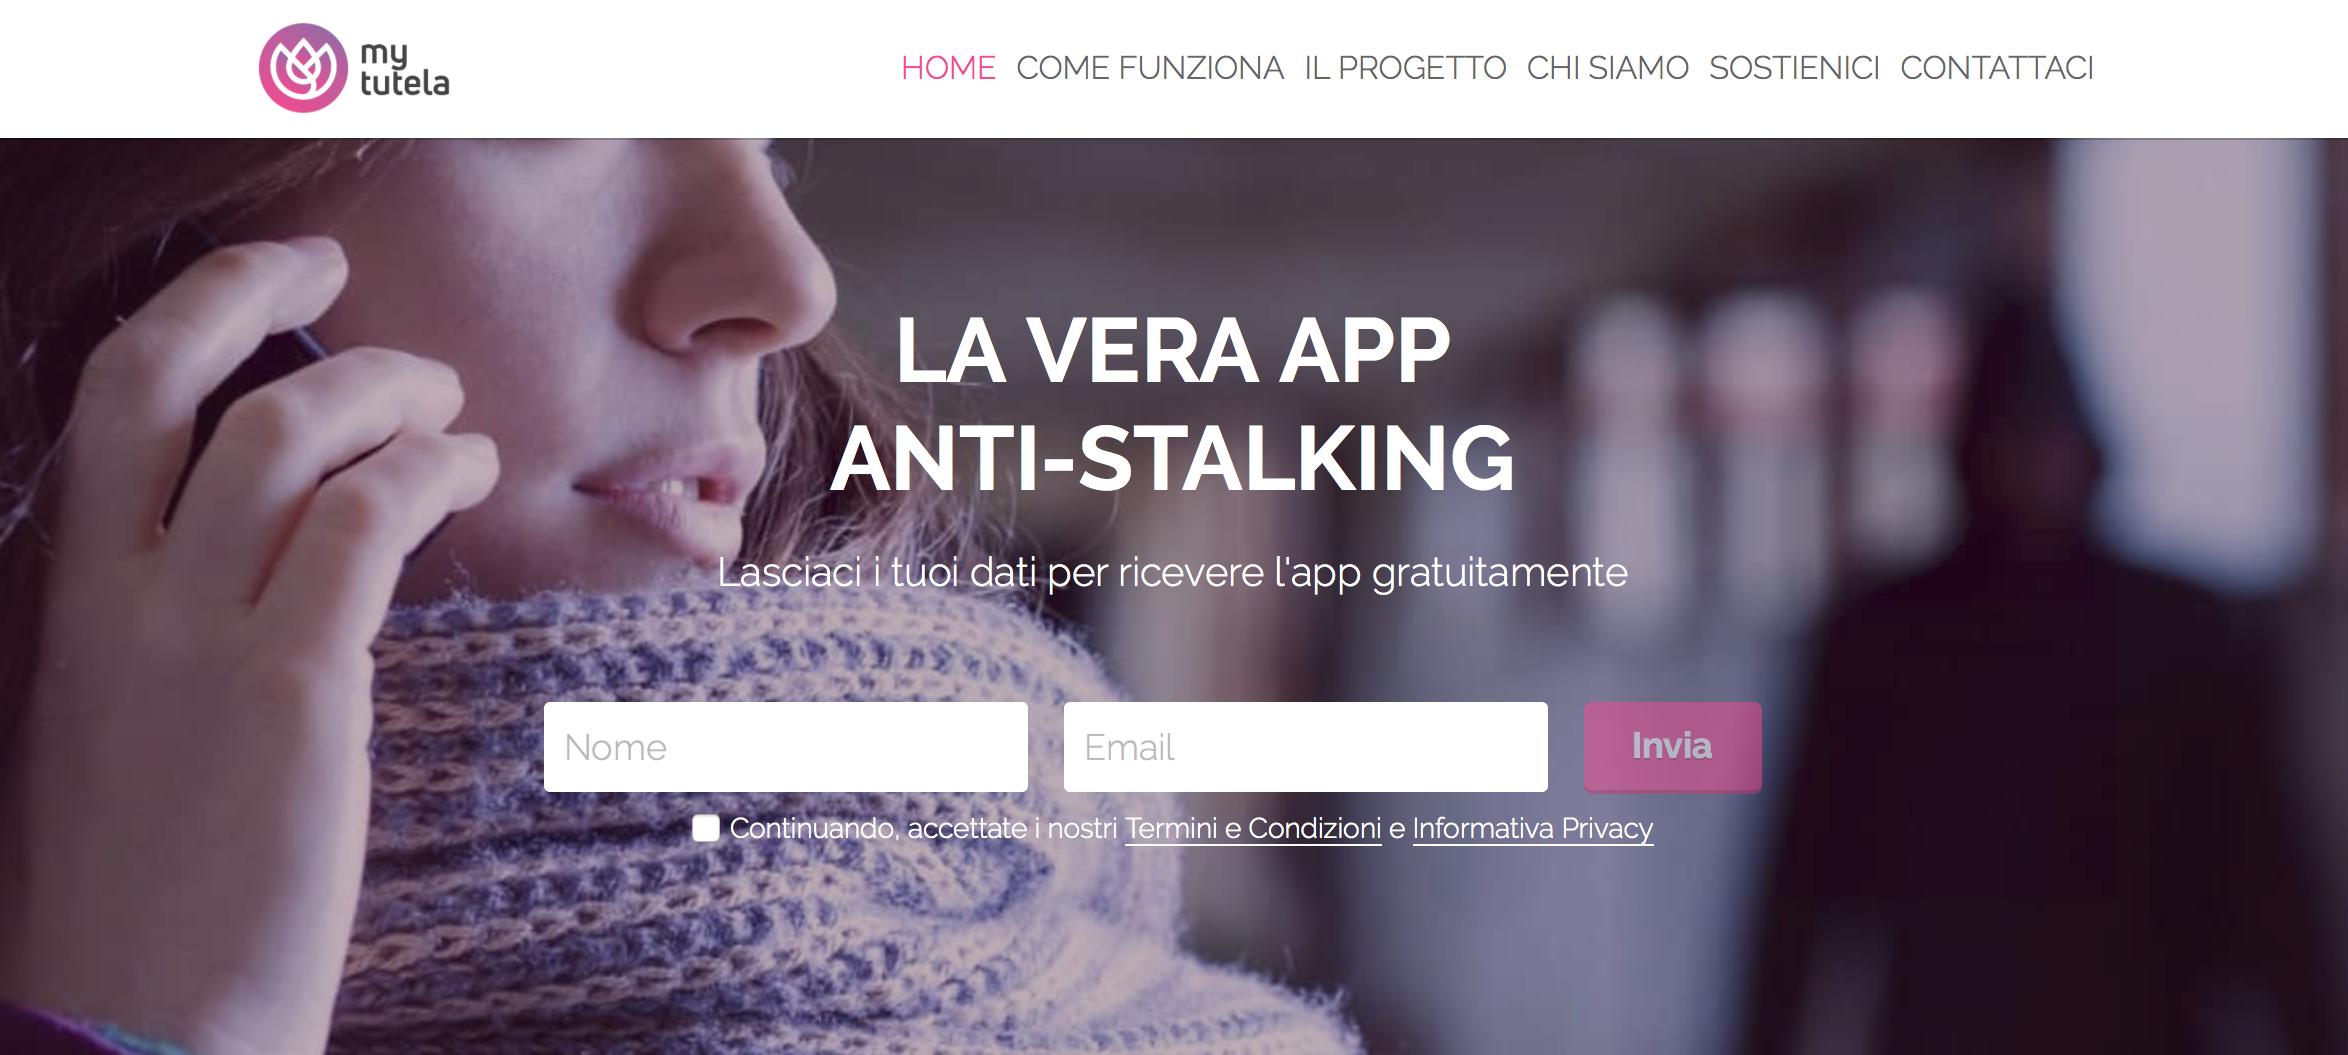 Il MyTutela, compatibile con Android e prossimamente anche con iOS, è completamente gratuita, ed è stata sviluppata da tre italiani: Marco Testi, Marco Calonzi e Susanna Testi.